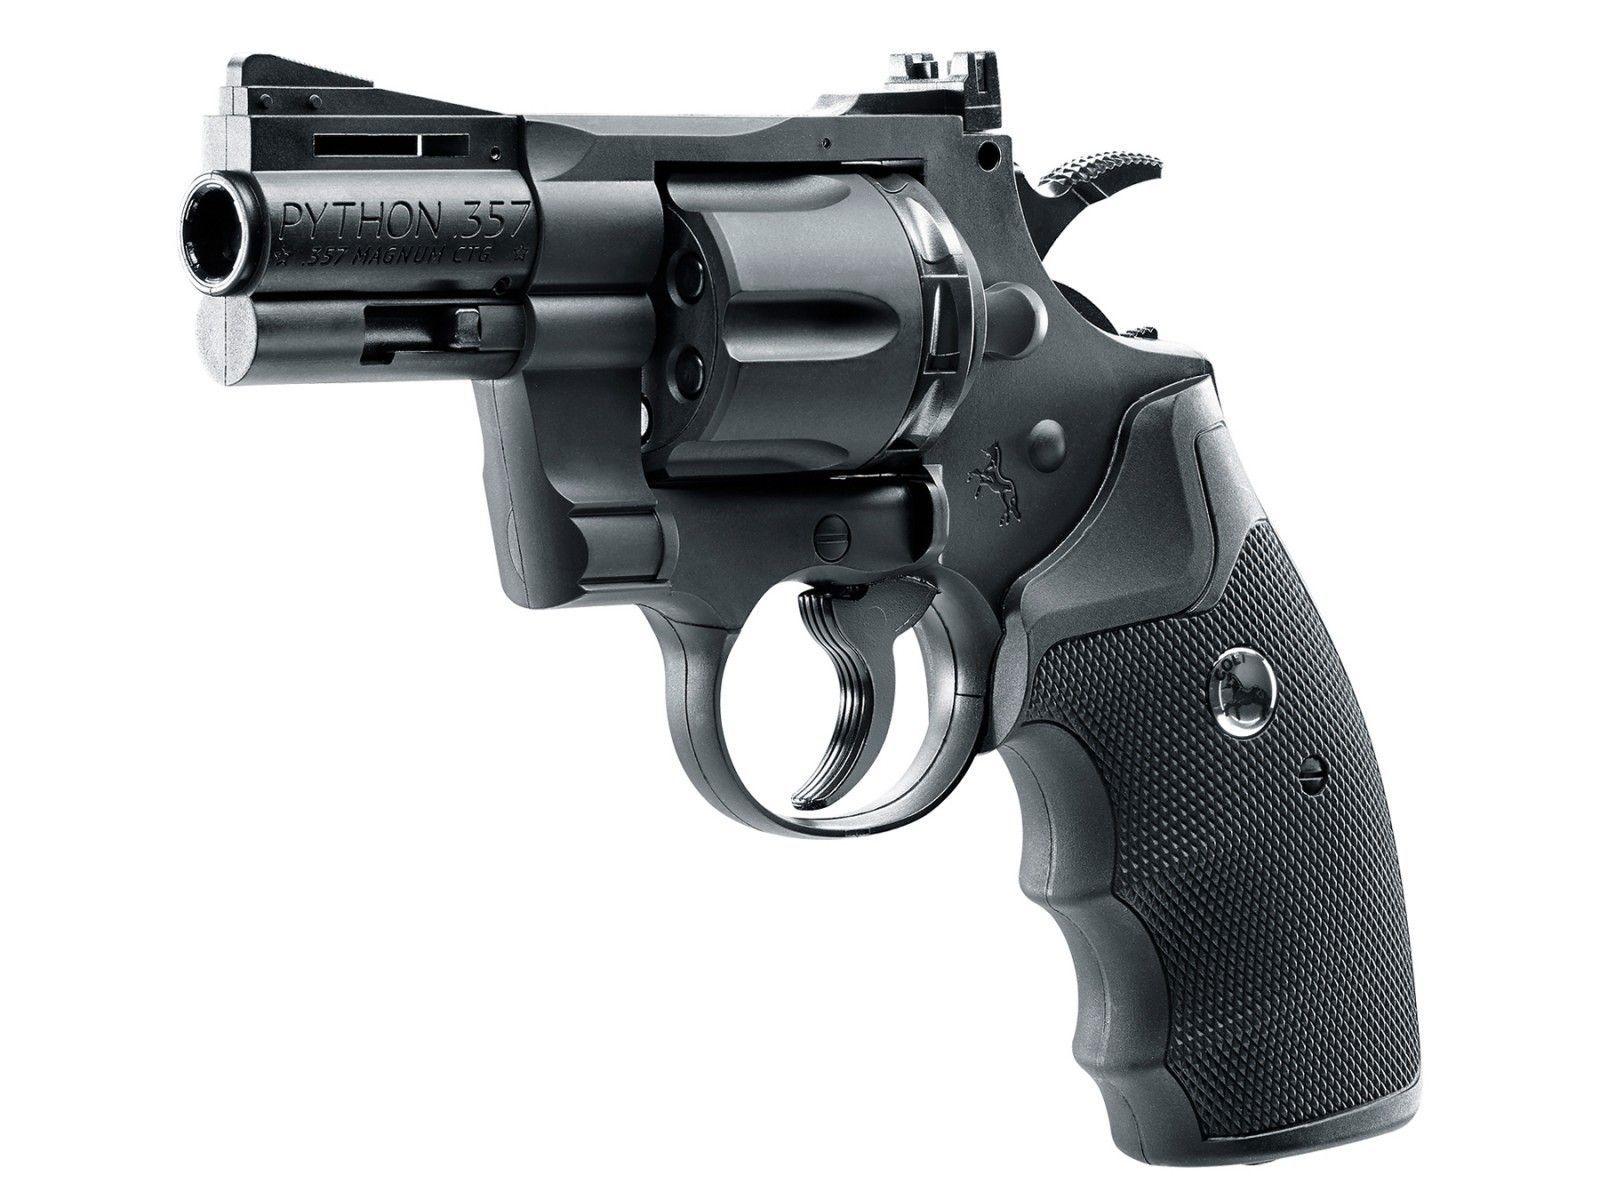 Colt Python 2 5  357 CO2 Pellet/BB Revolver  Air guns | Pyramyd Air